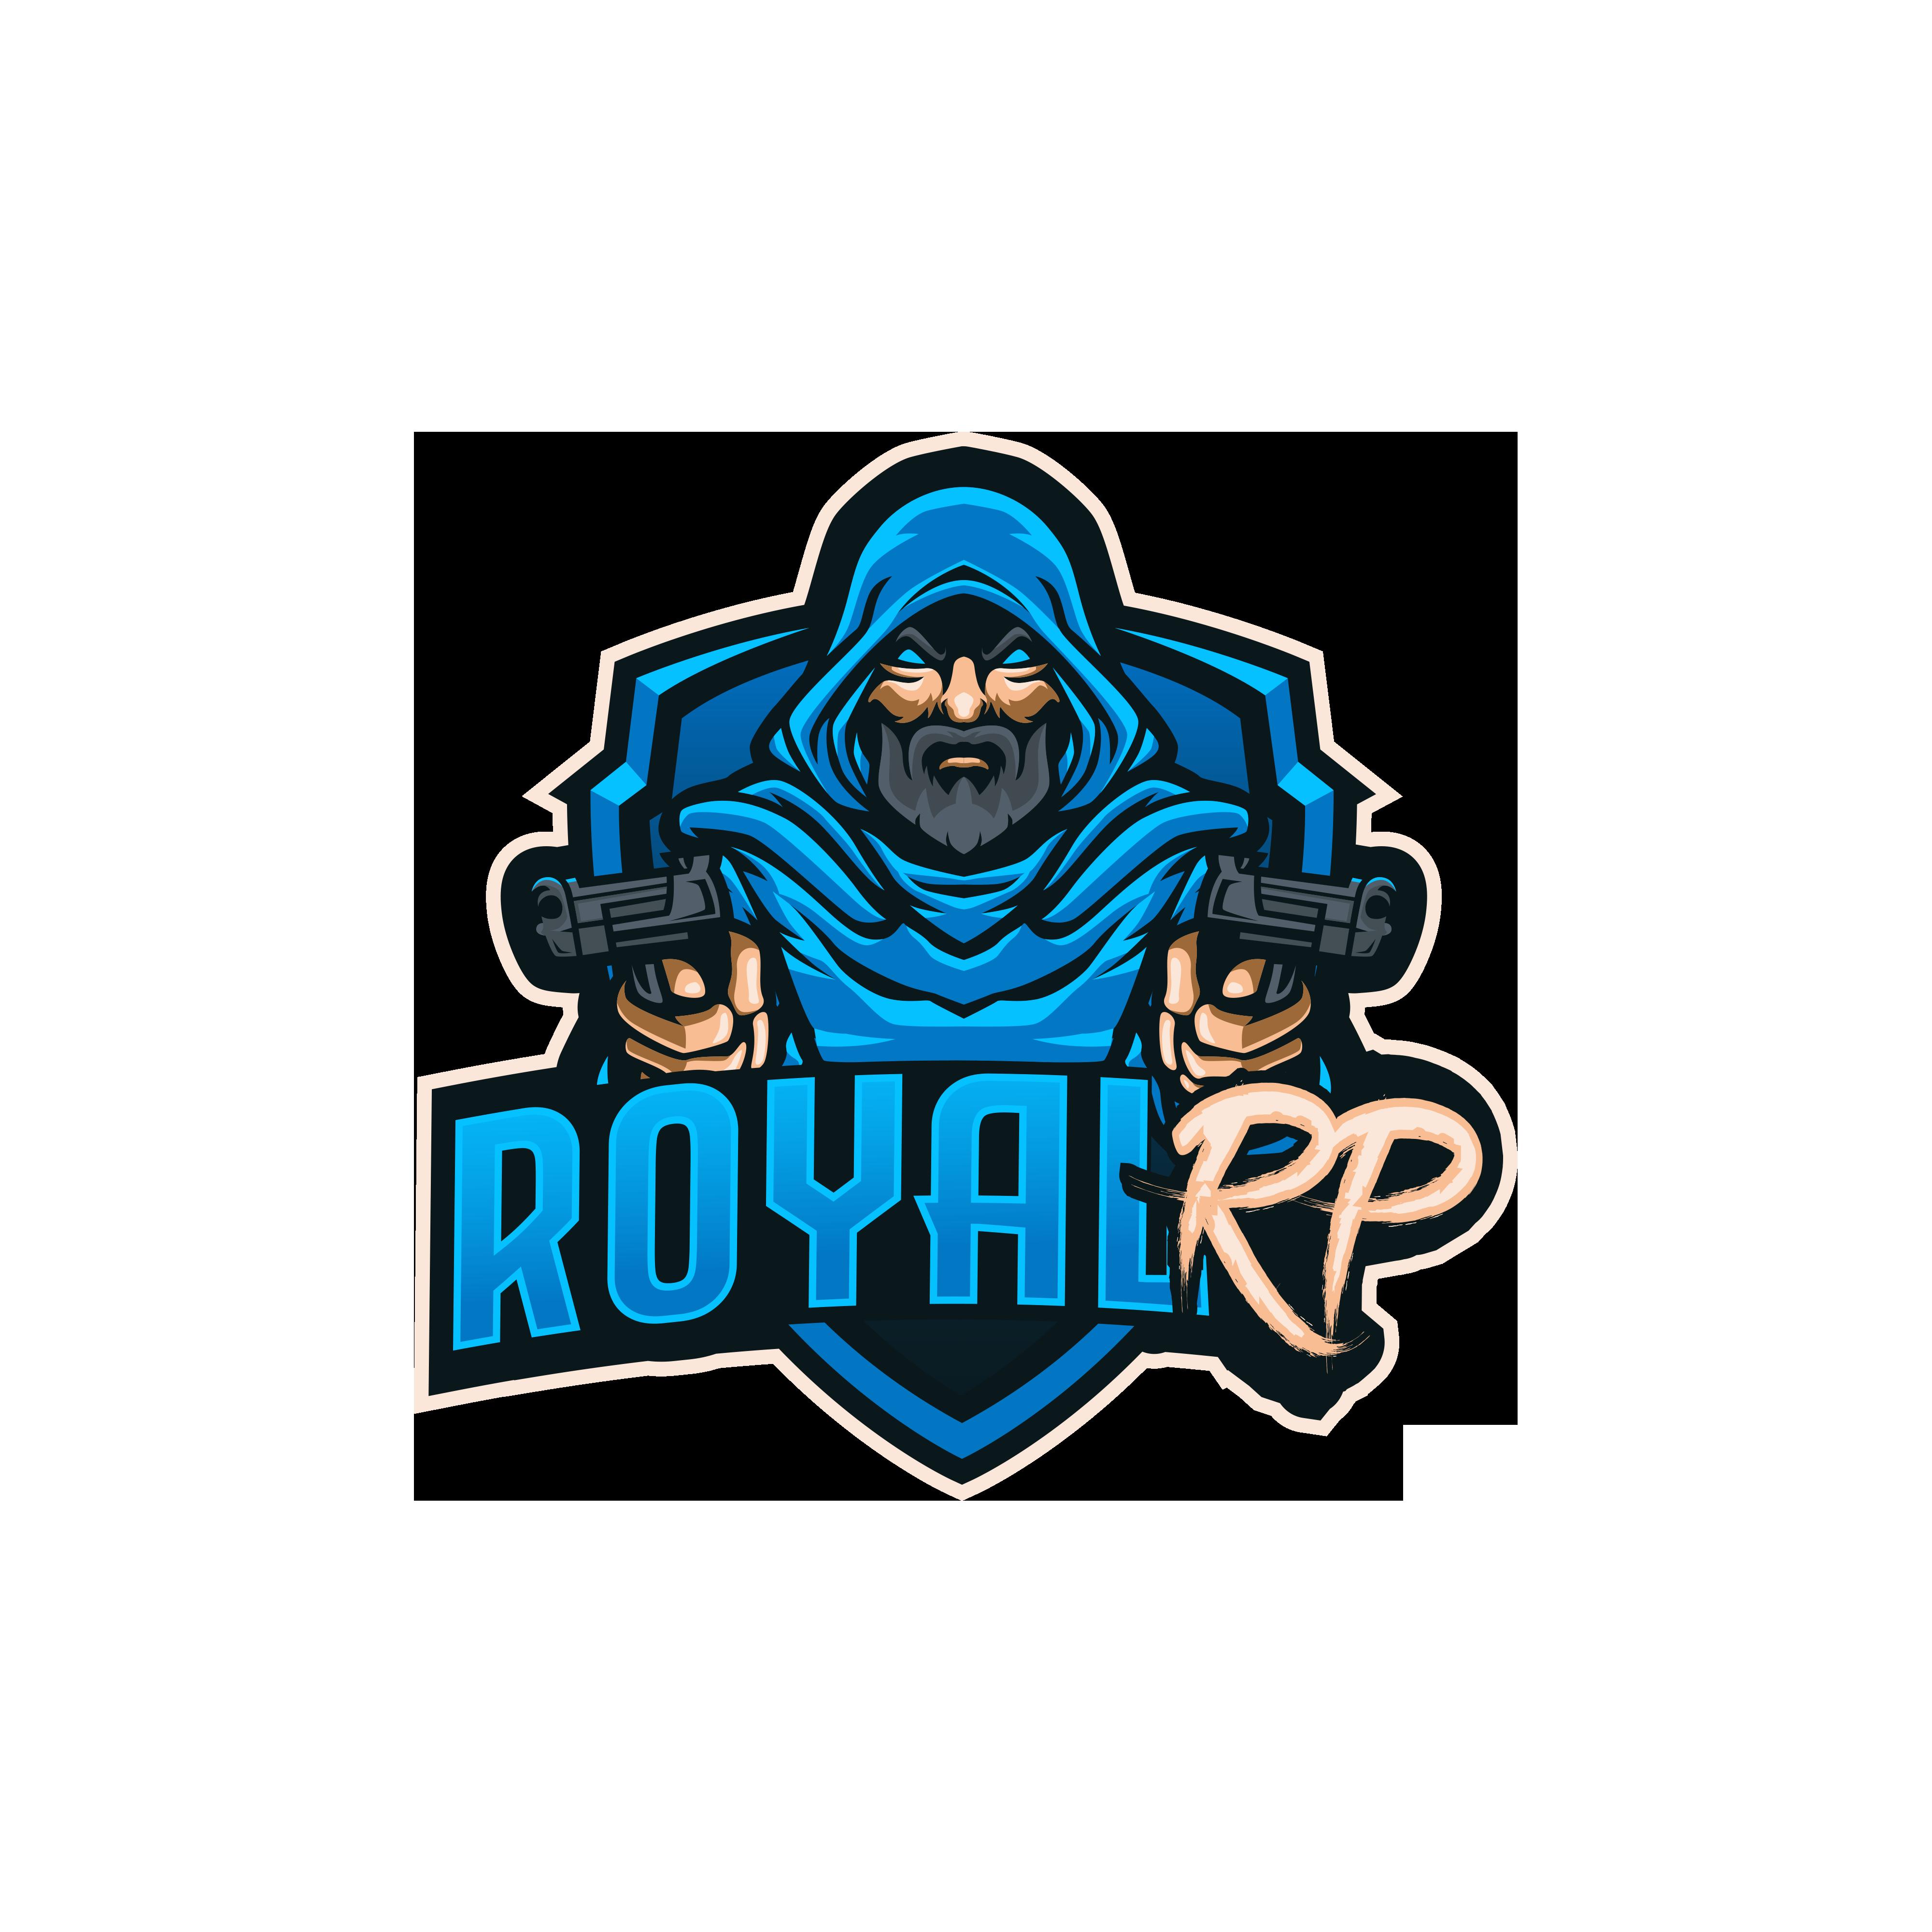 RoyalRP.png